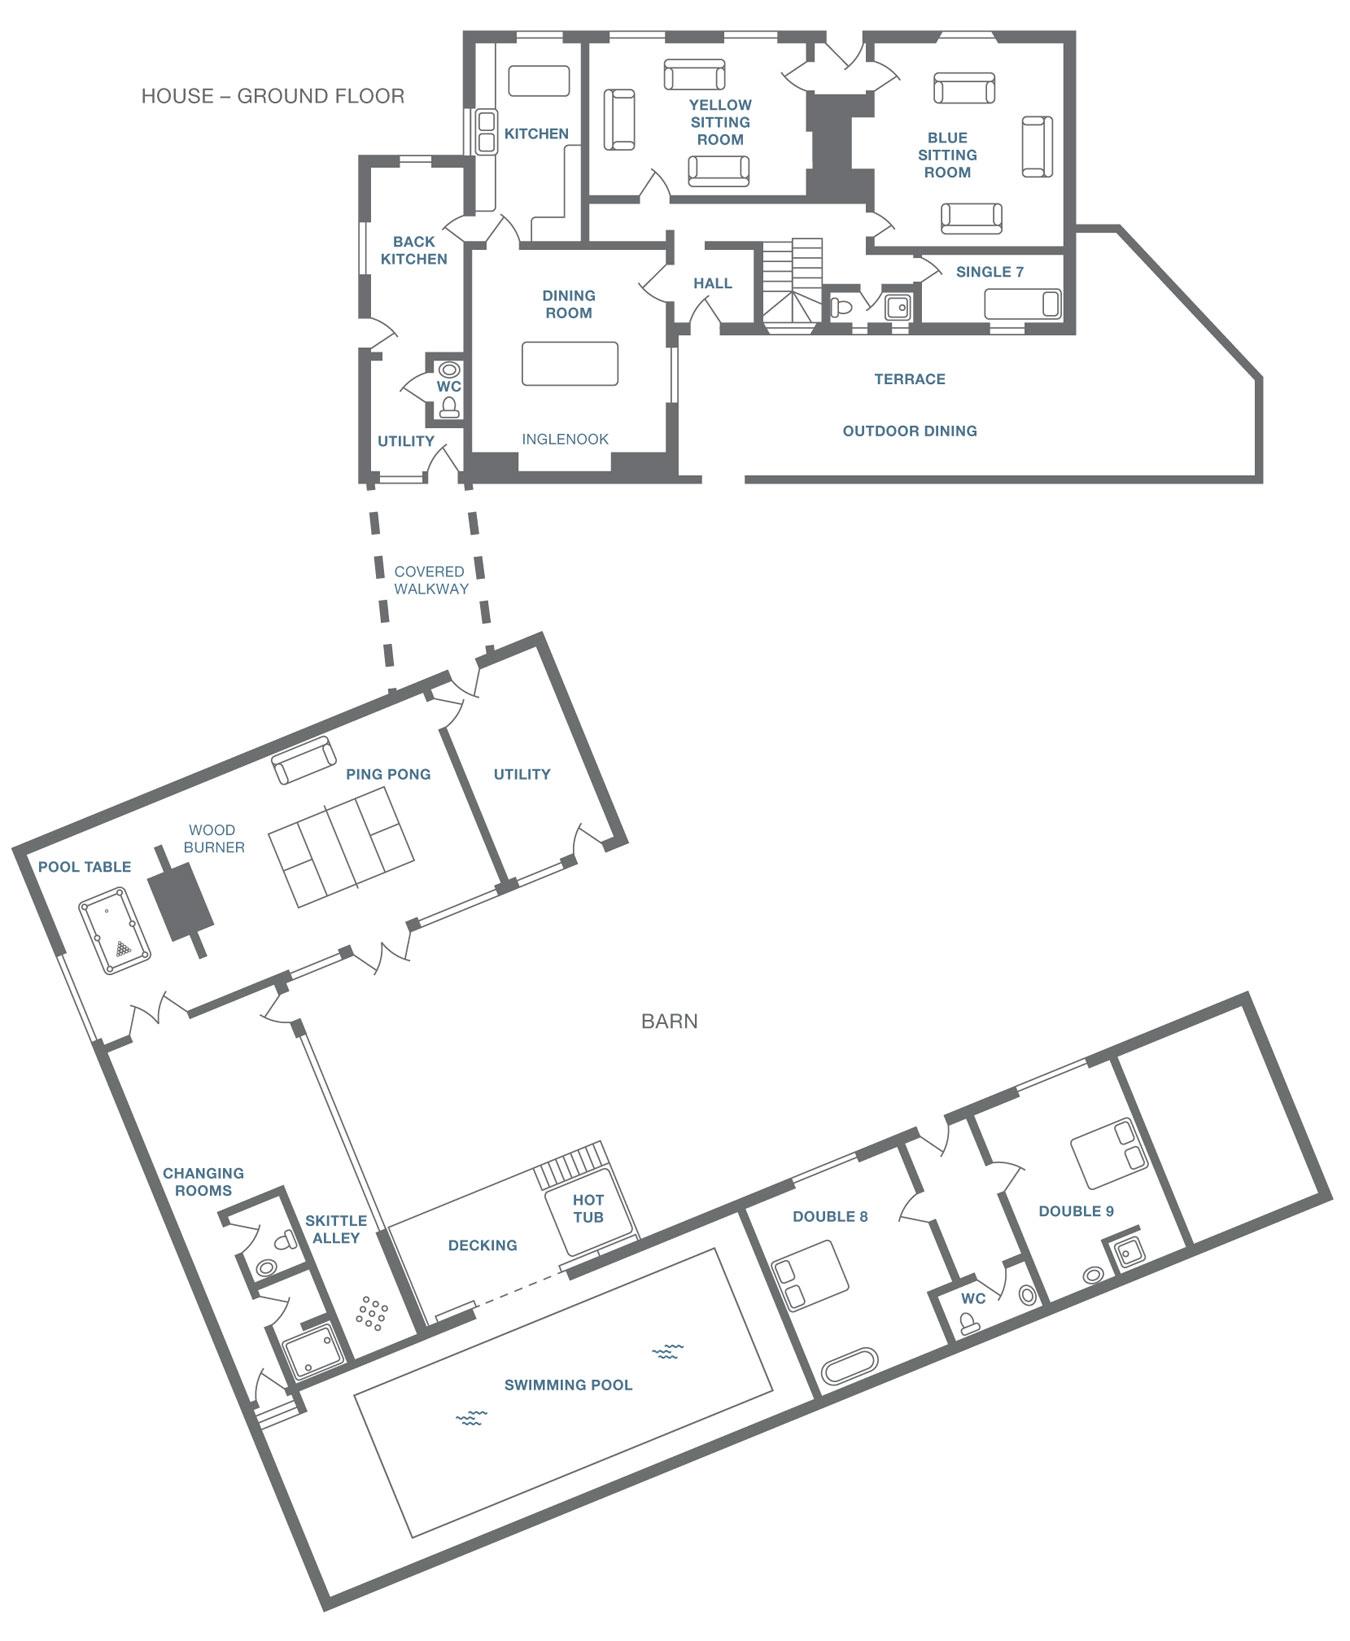 Moorbath Farmhouse plan - ground floor and barn